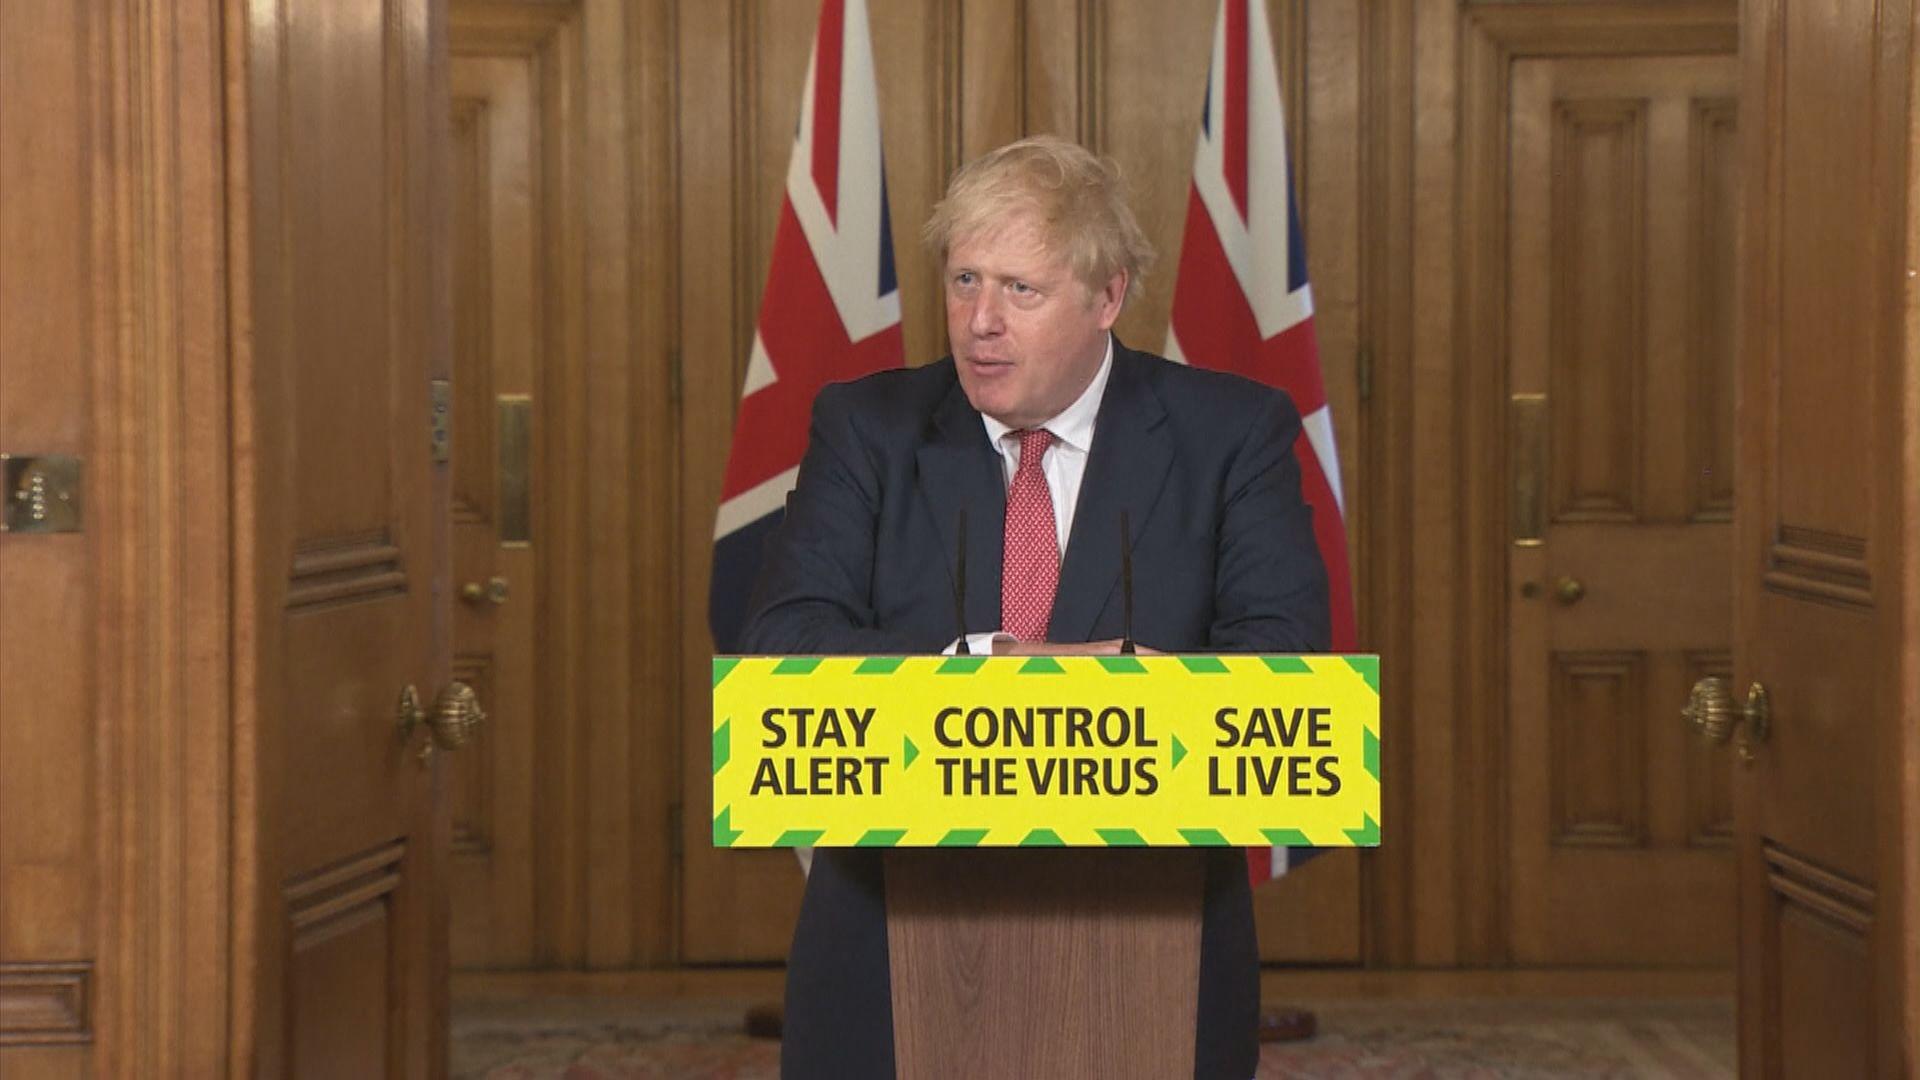 約翰遜宣布再放寬英格蘭防疫措施